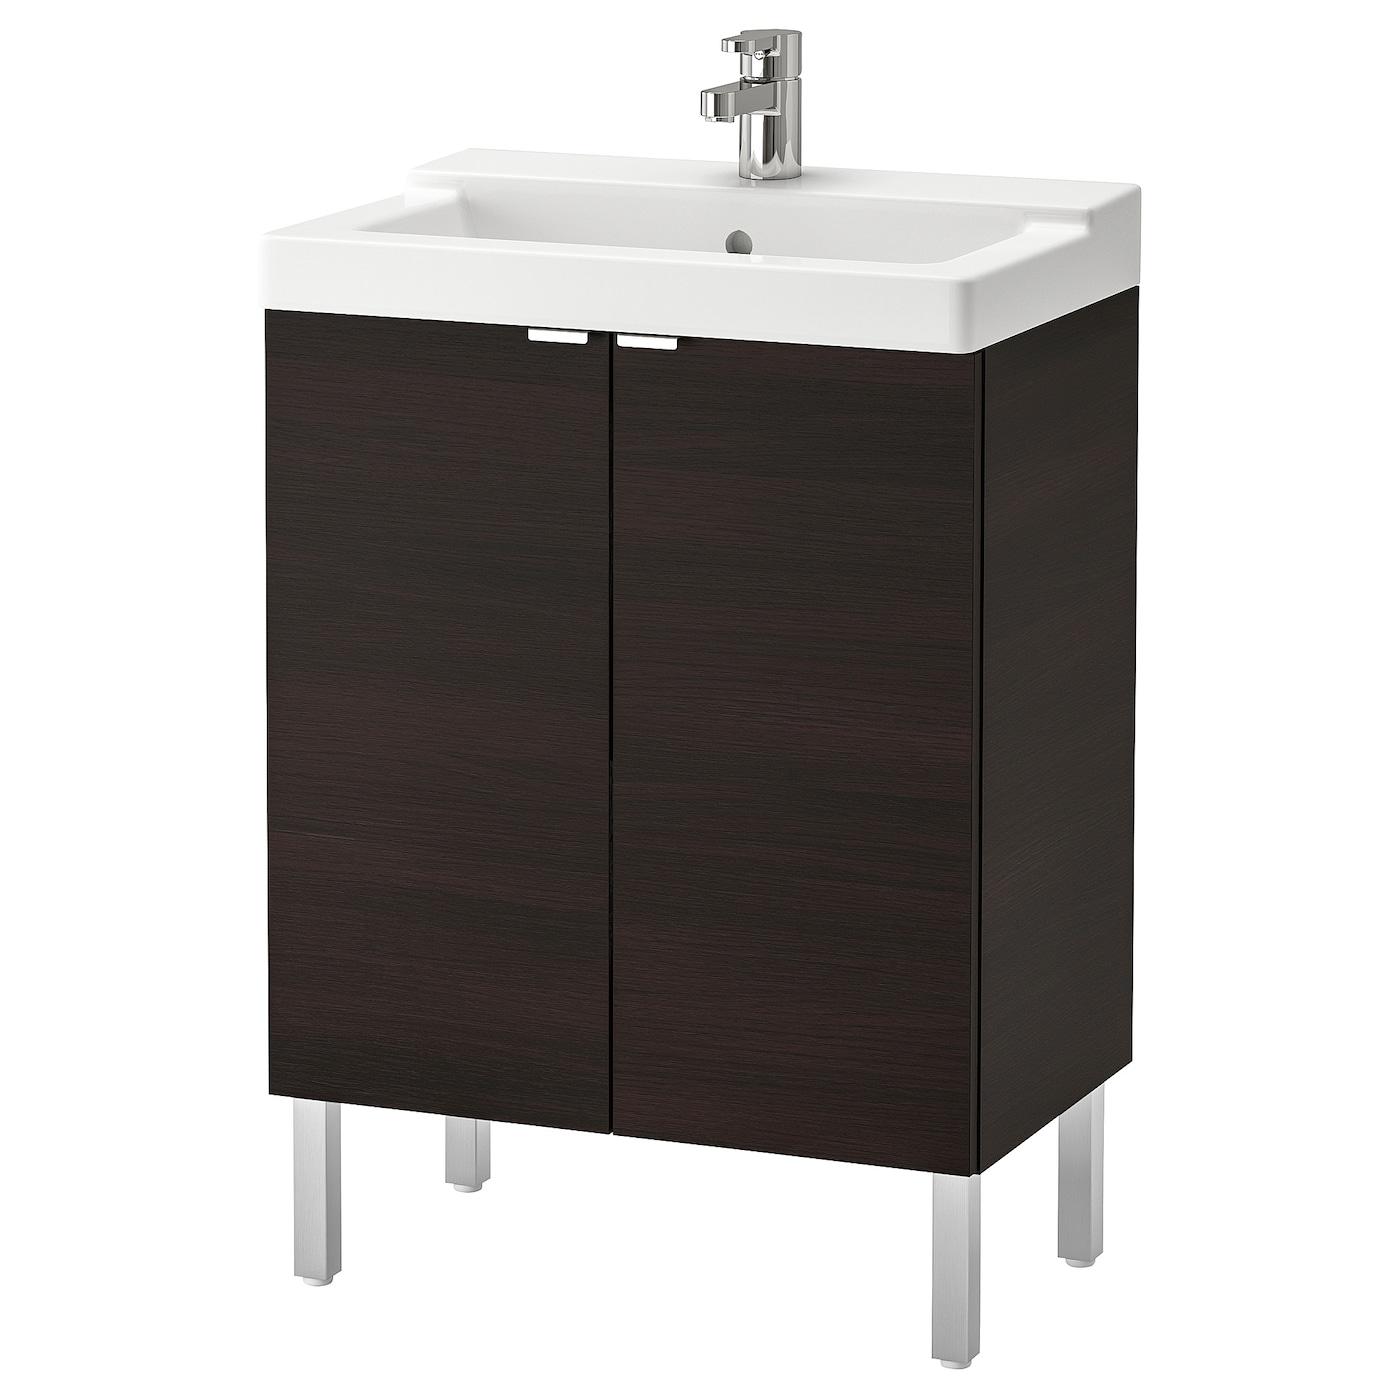 IKEA LILLÅNGEN / TÄLLEVIKEN Szafka pod umywalkę/2 drzwi, czarnybrąz, bateria Ensen, 61x41x87 cm